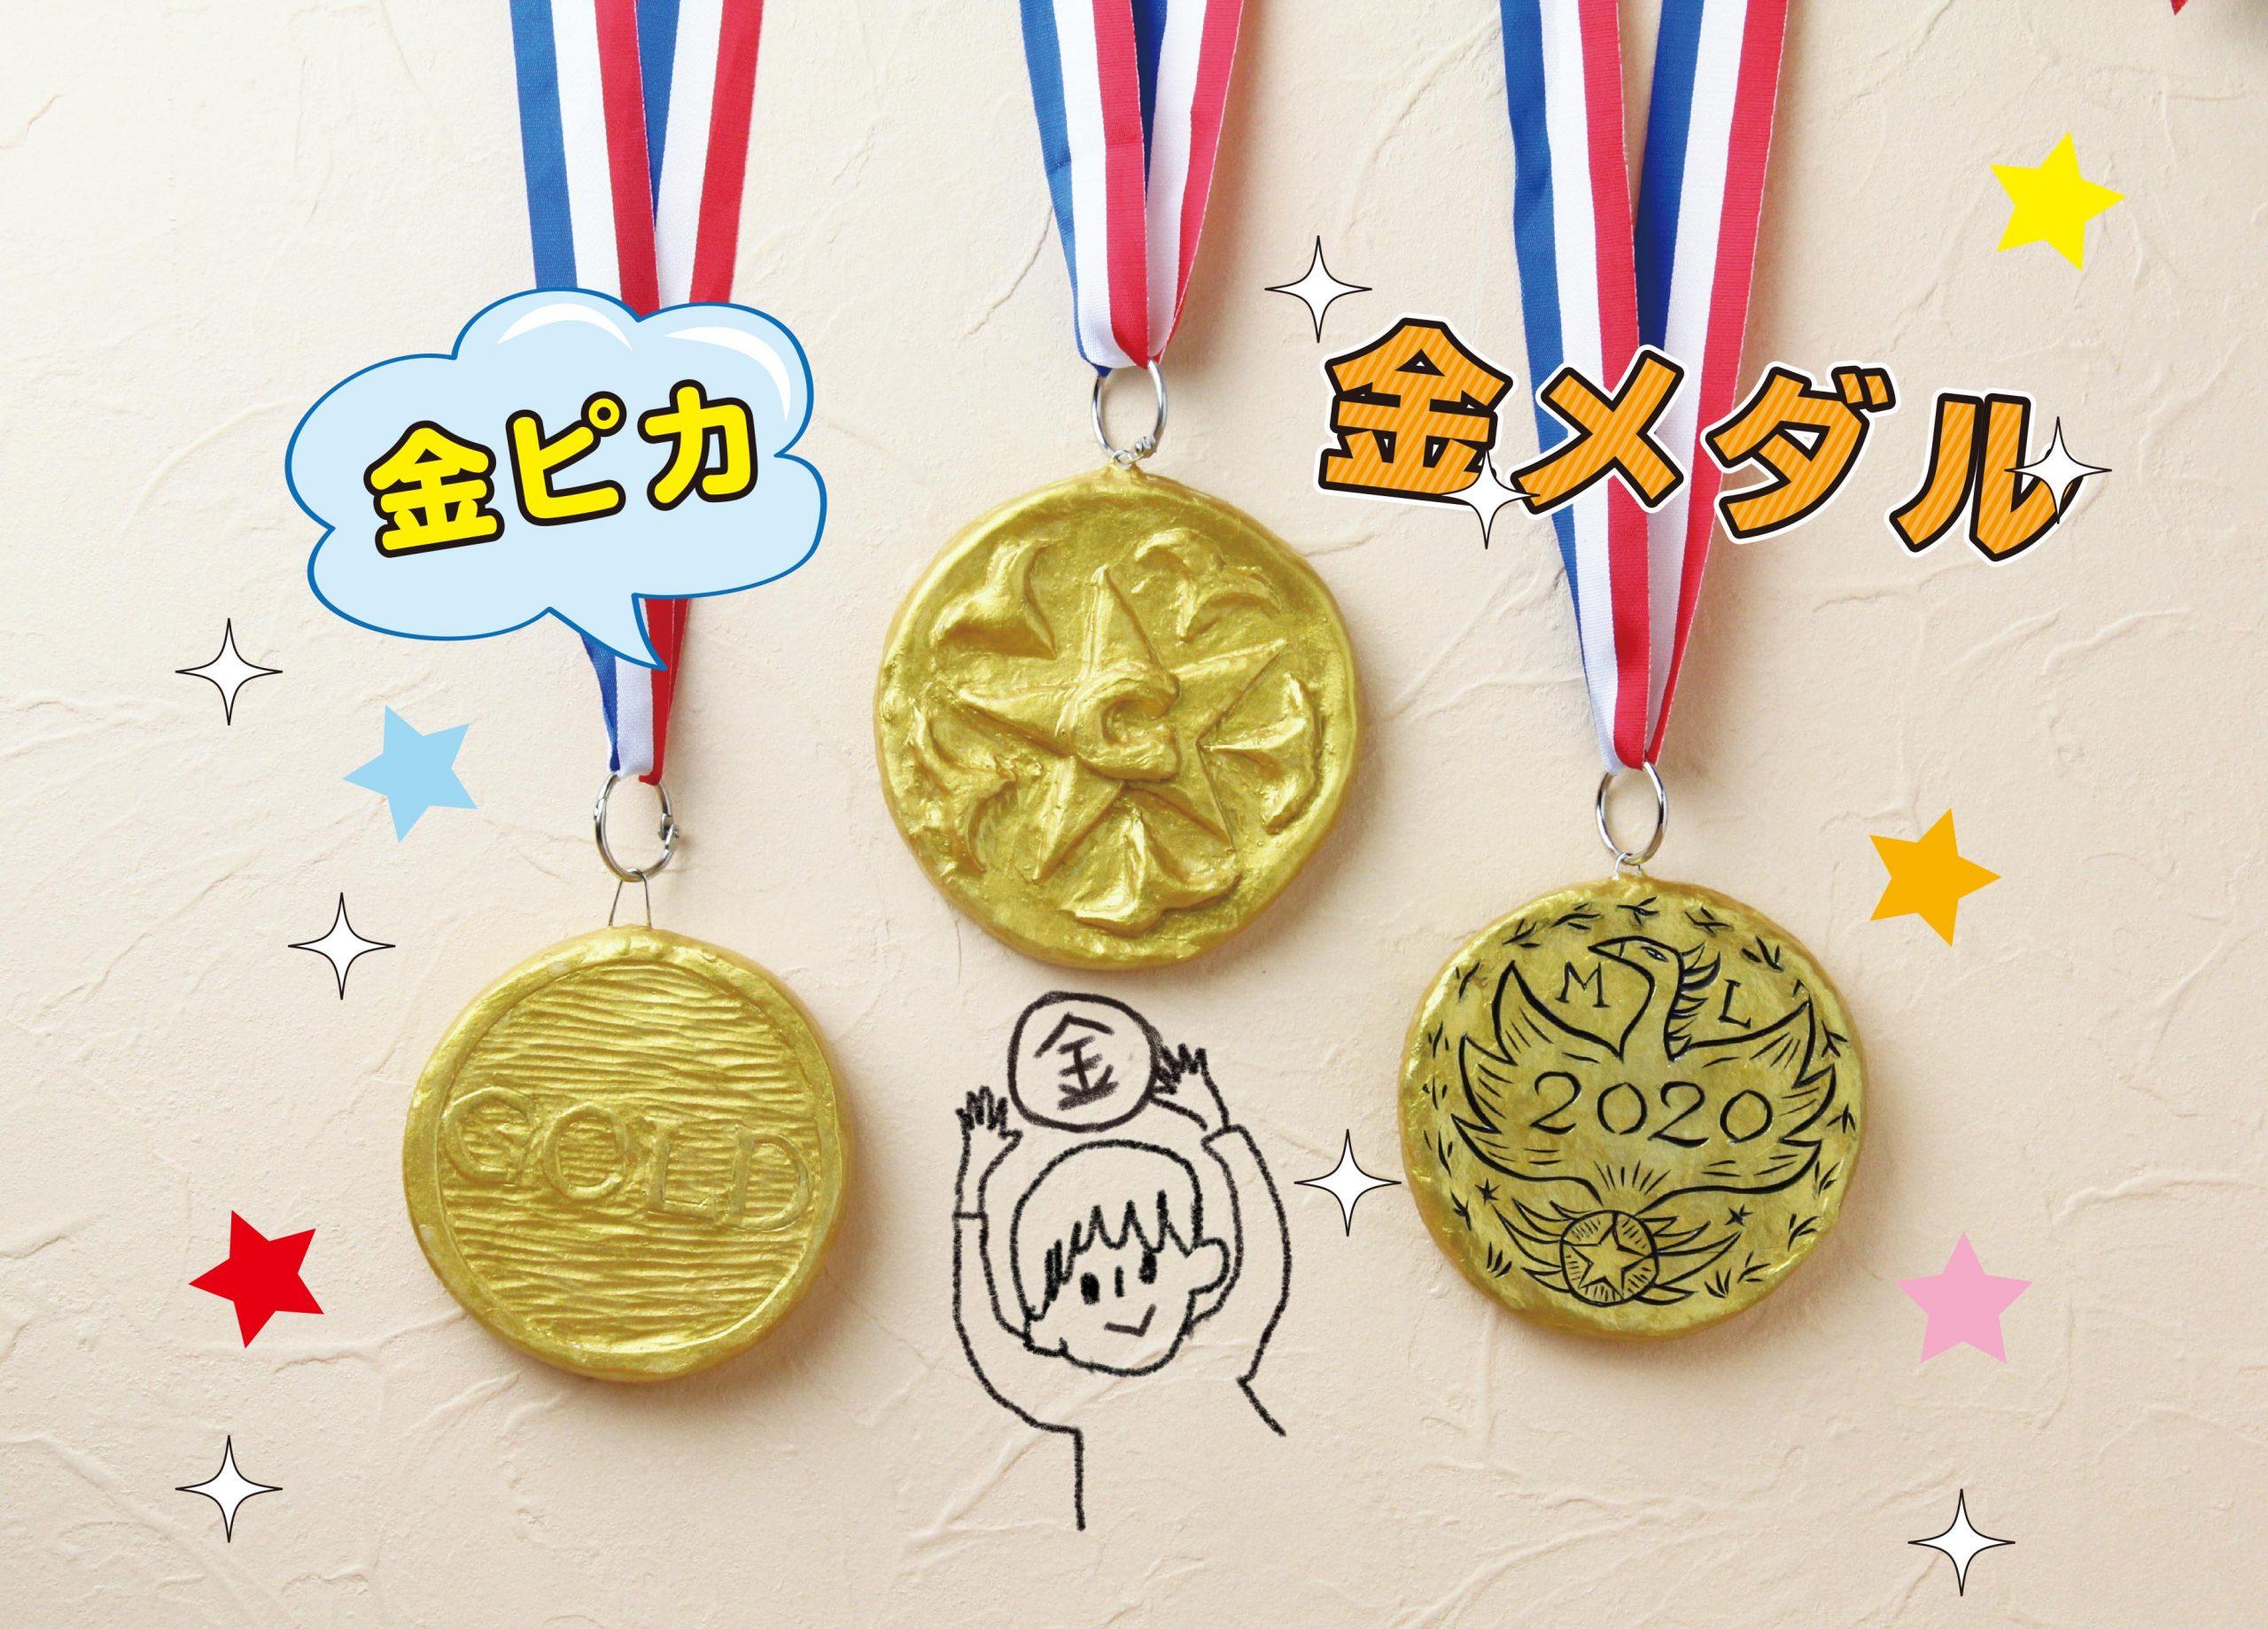 ねんどでつくるピカピカ金メダルのメイン画像